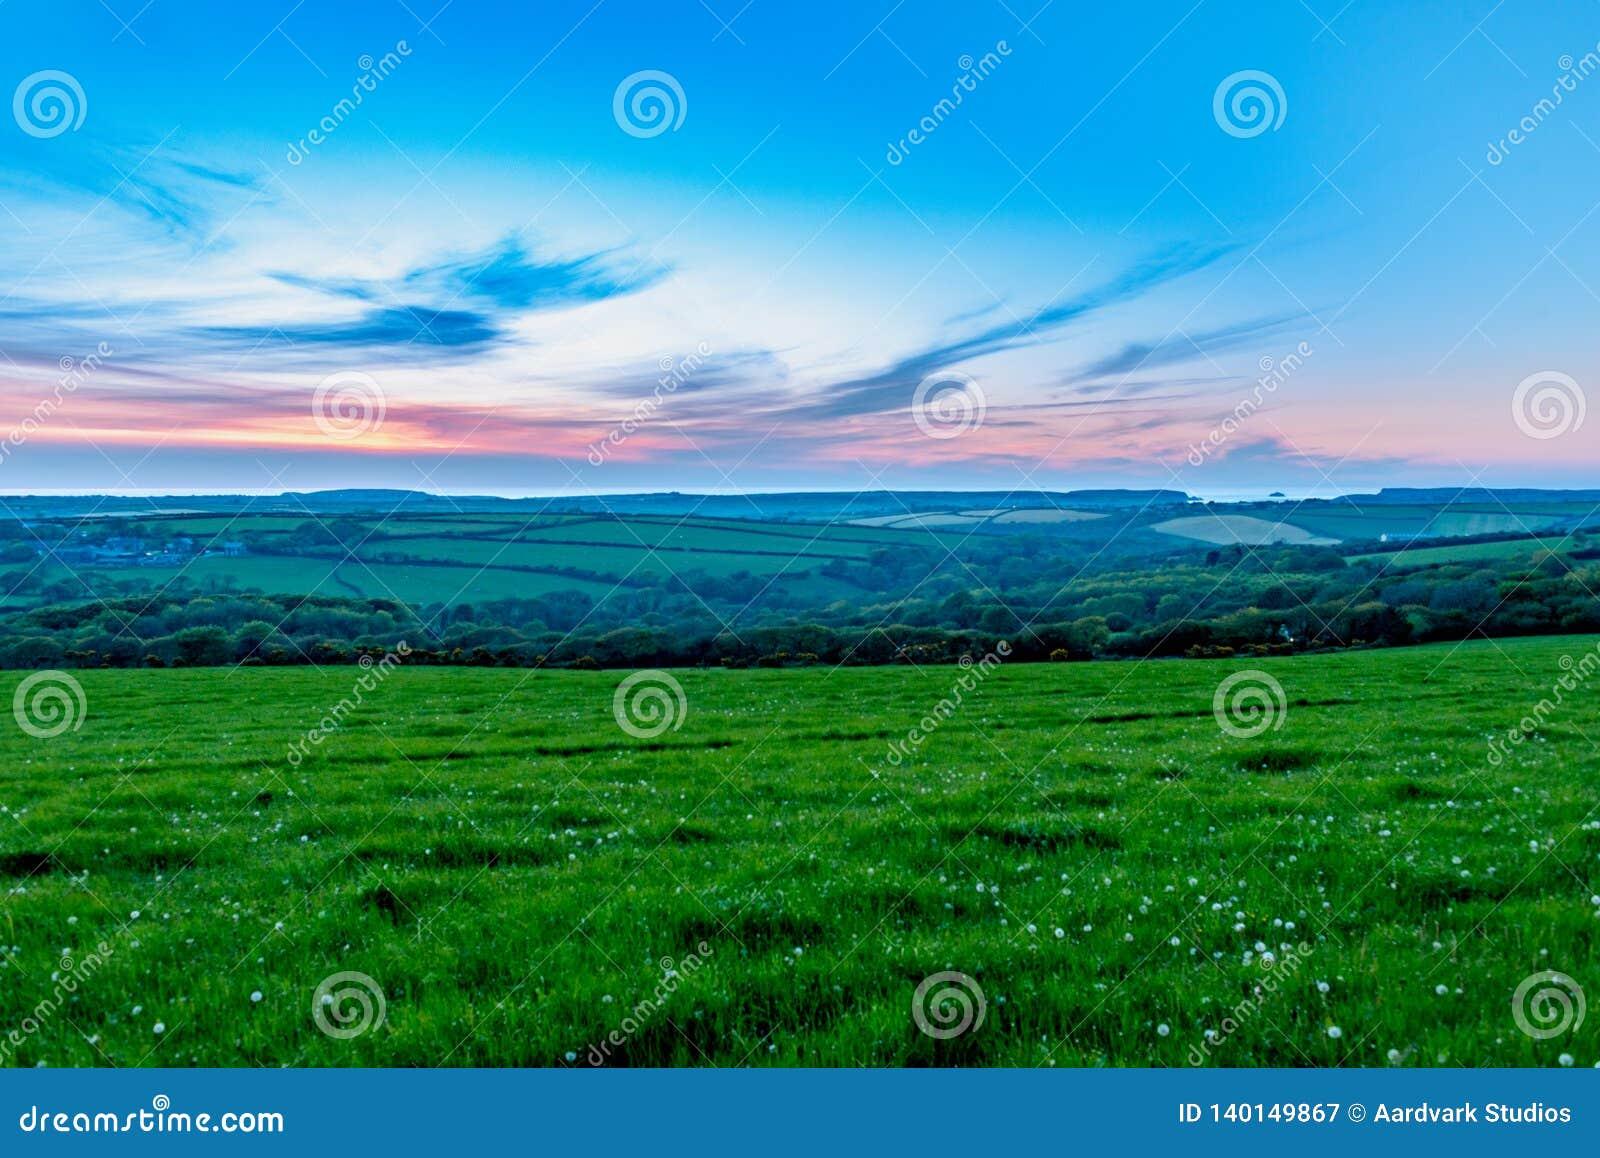 Avondtijd over gebieden van grasss en bomen in Cornwall